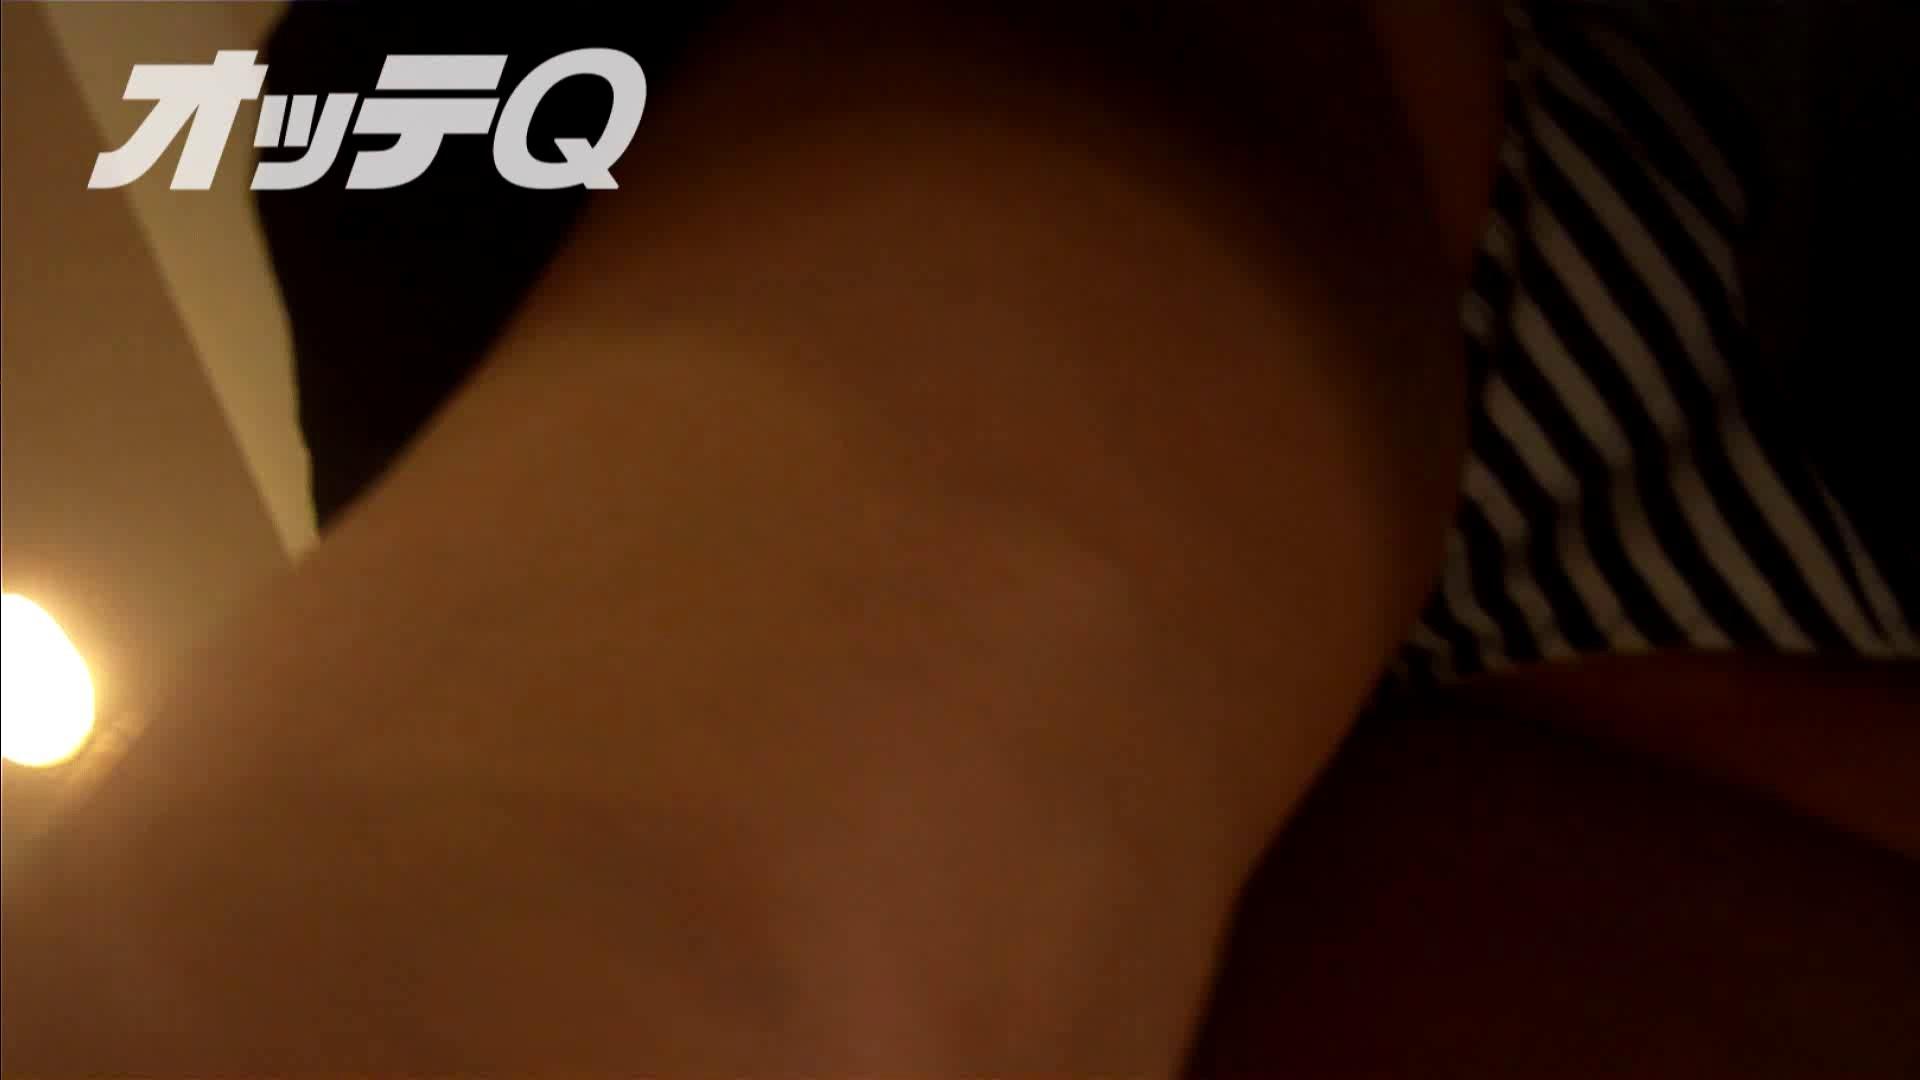 ハイビジョンパンチラ オッテQさんの追跡パンチラデパート編VOL.05 追跡 われめAV動画紹介 65pic 9